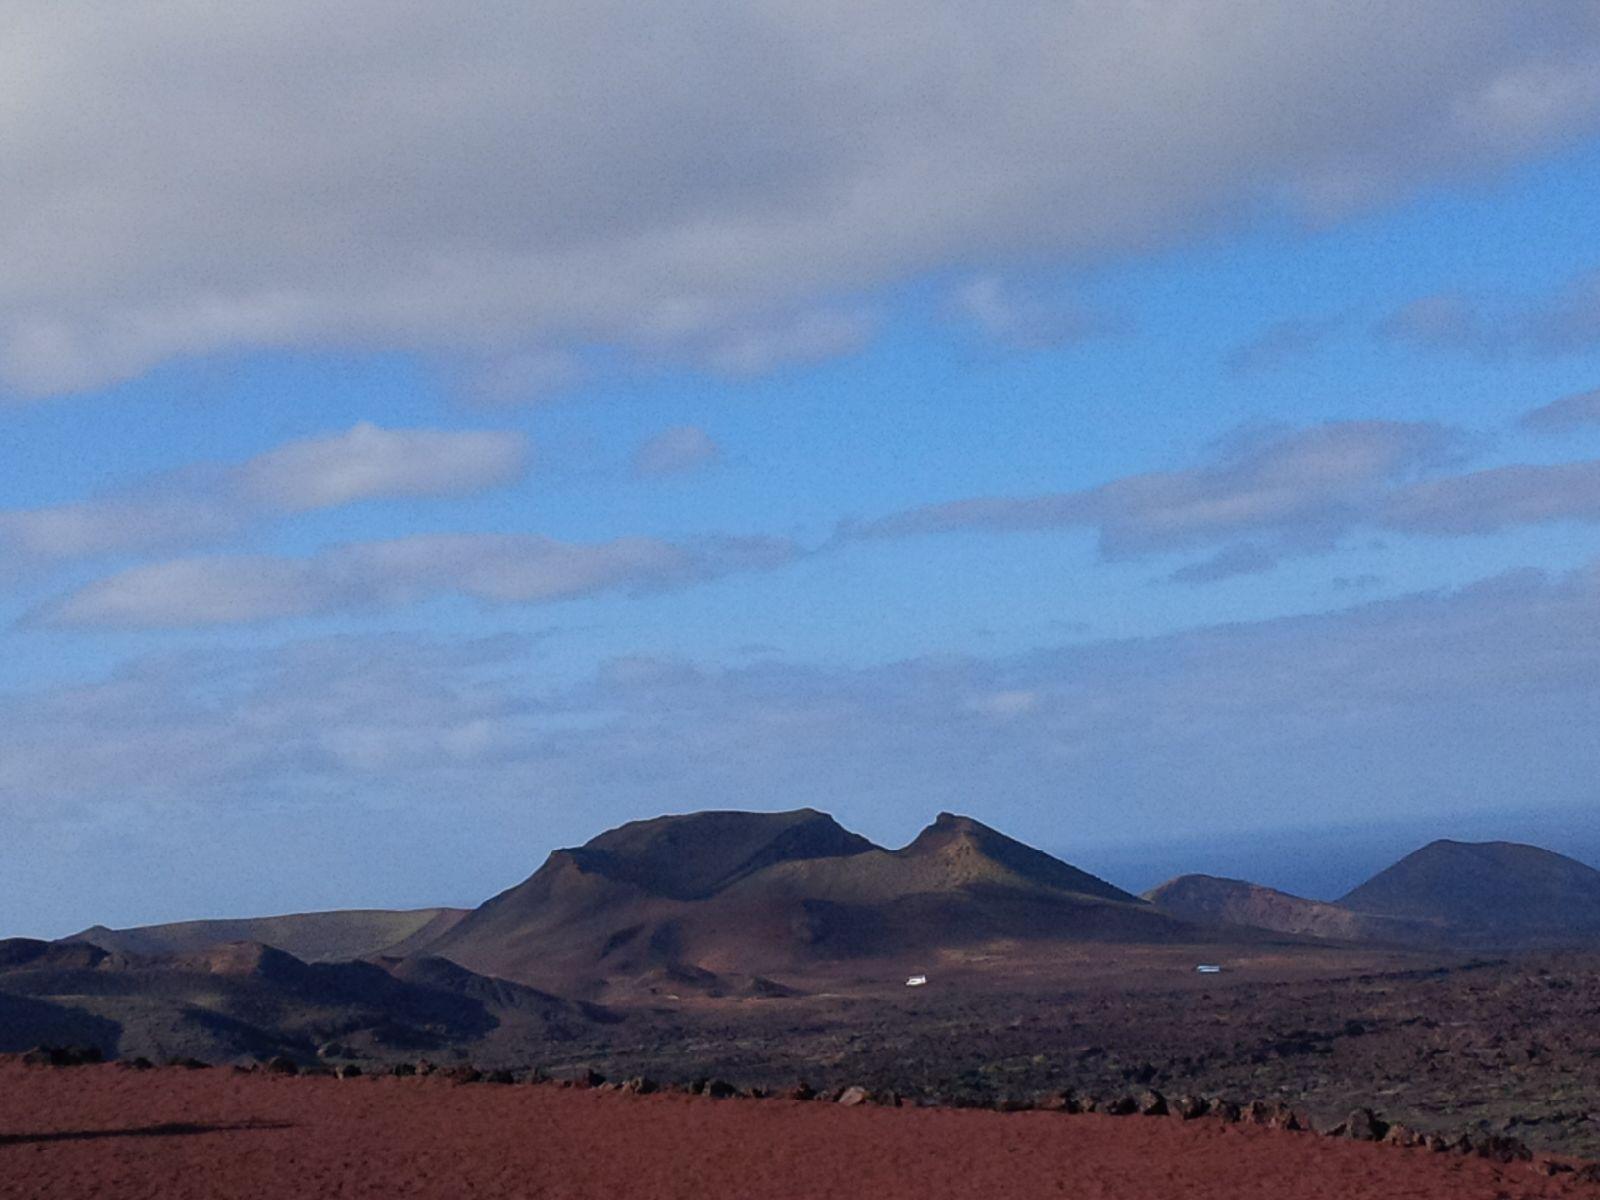 Volcan du parc de Timanfaya. Photo: Aurélie Resch